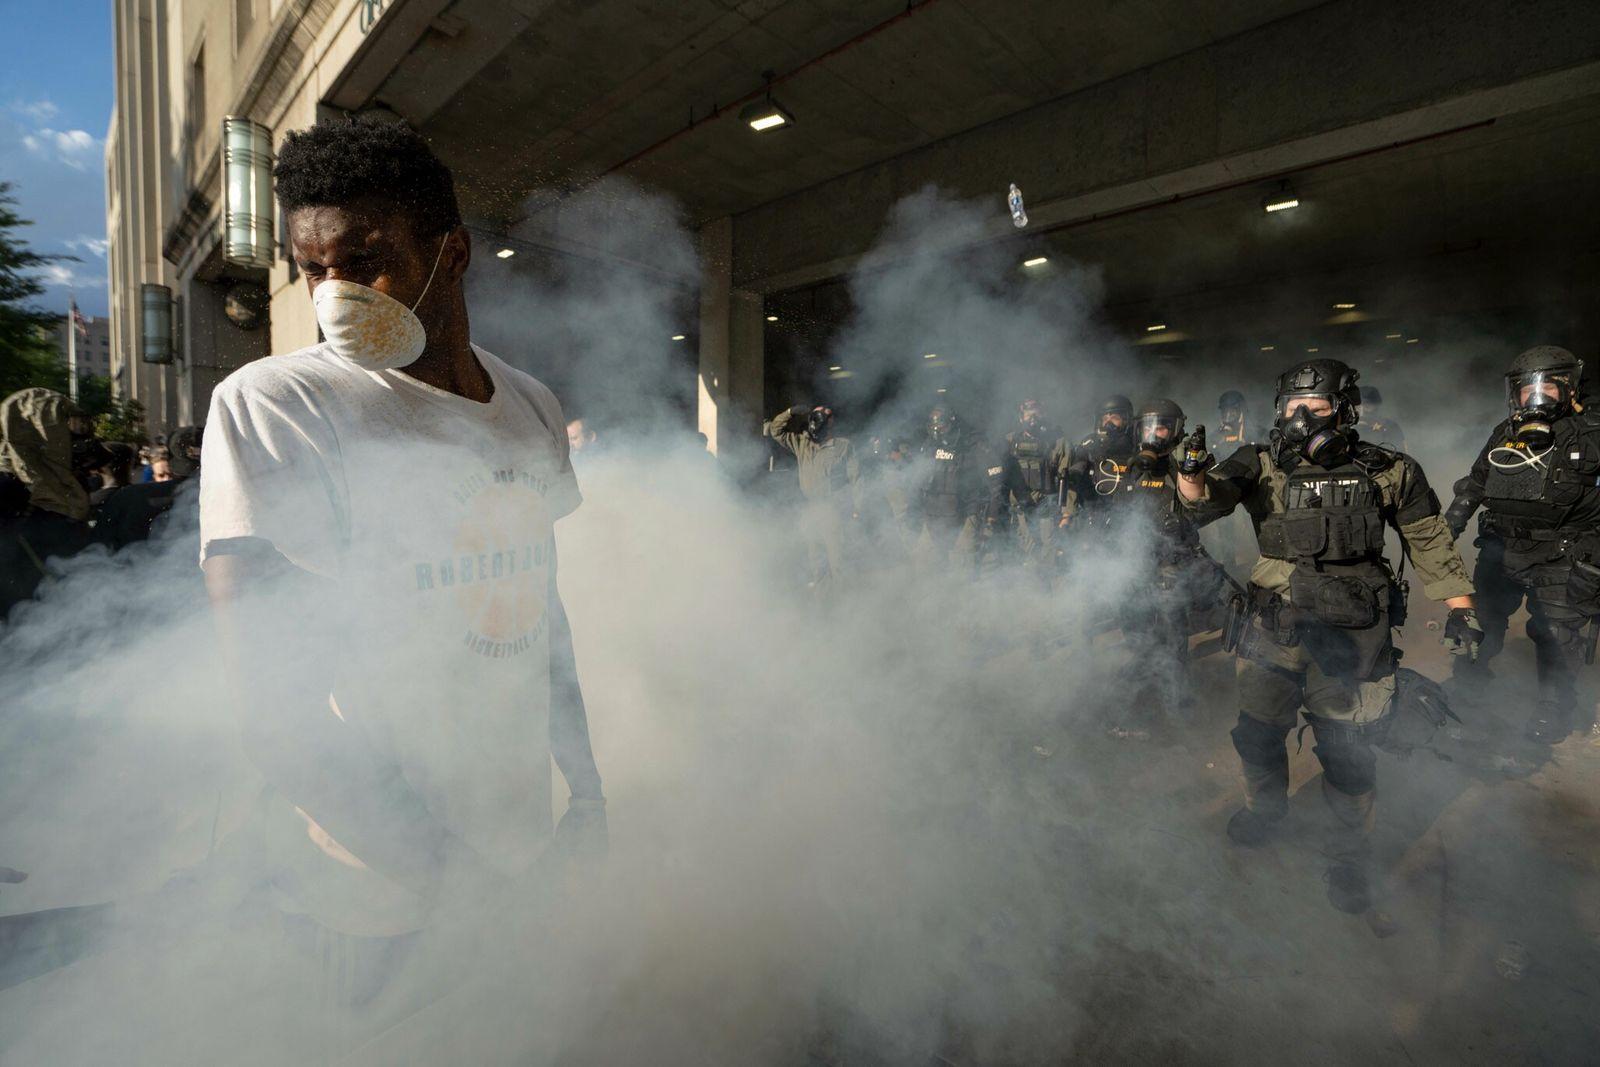 Un manifestante envuelto enuna nube de gas lacrimógeno